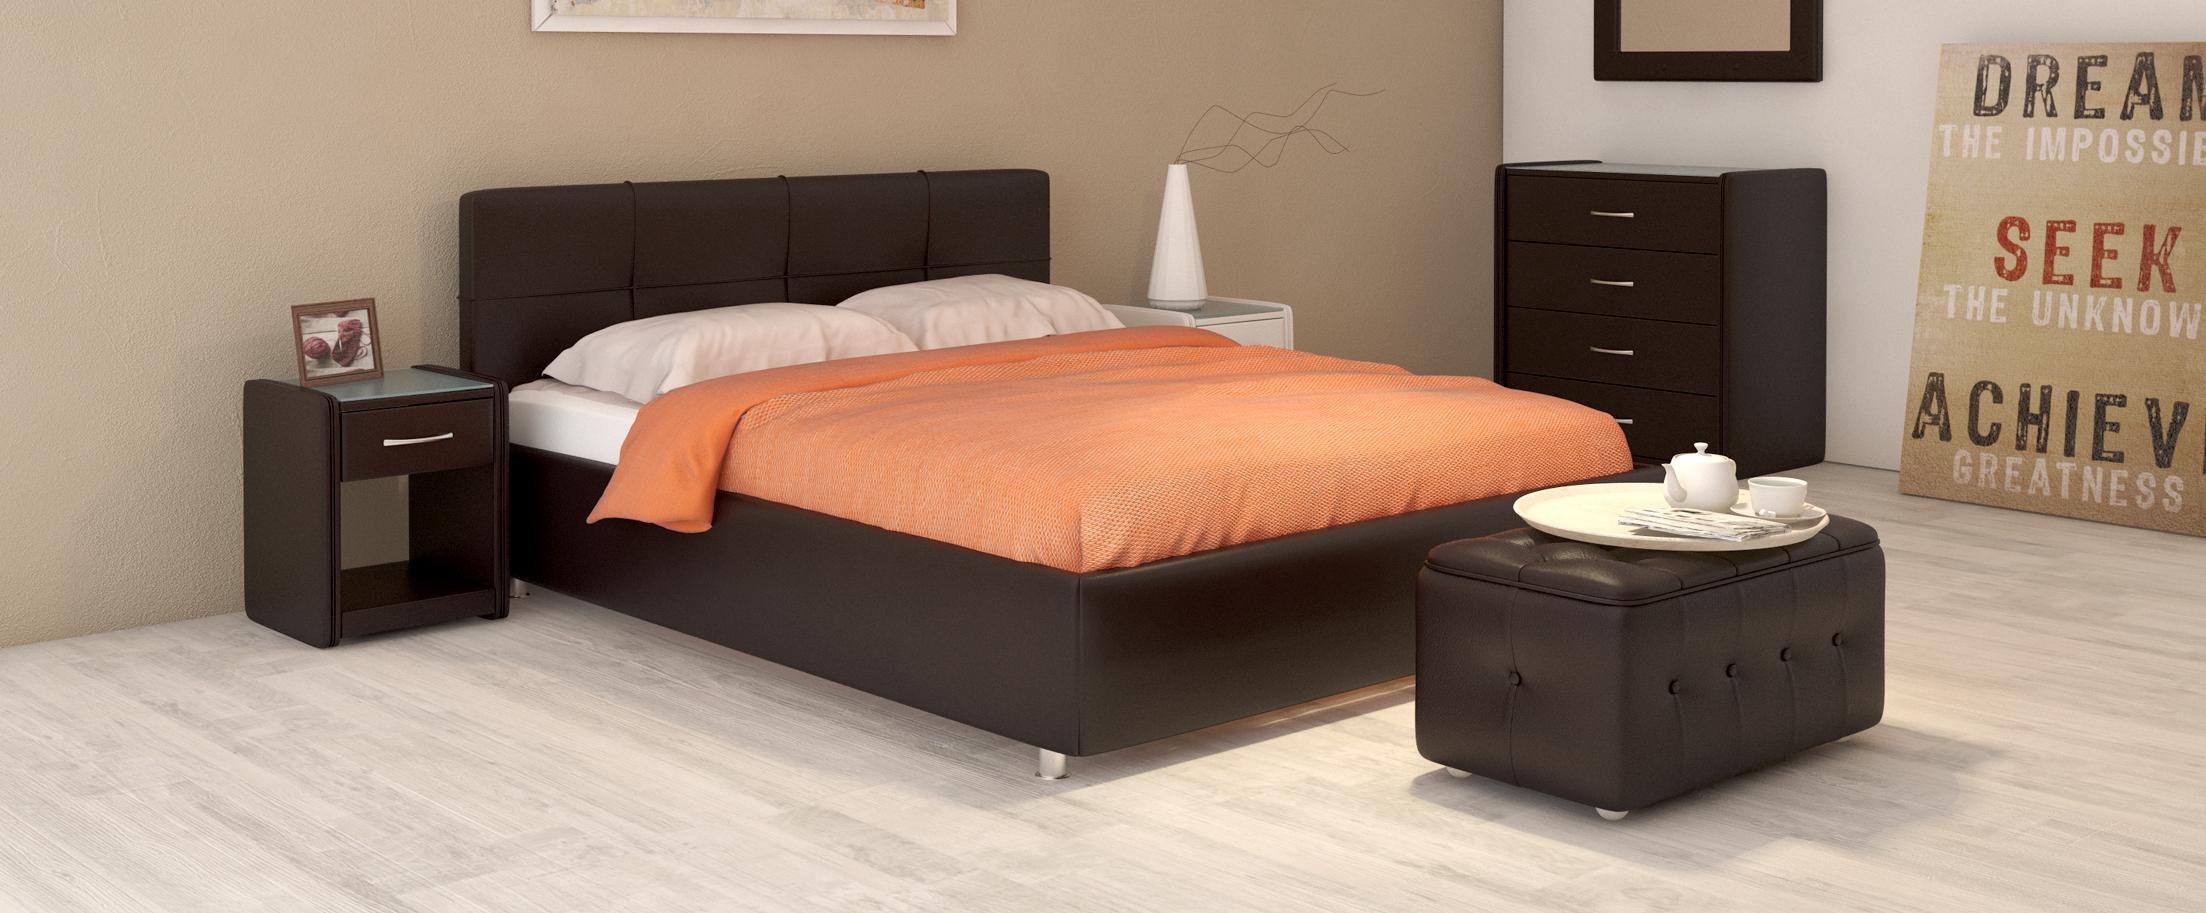 Кровать двуспальная Птичье гнездо Модель 381Лёгкость и аккуратность дизайна позволяют вписать эту кровать в интерьер даже очень небольшой комнаты, визуально не занимая лишнего пространства. Стильный кант подчеркивает простоту и чёткость линий.